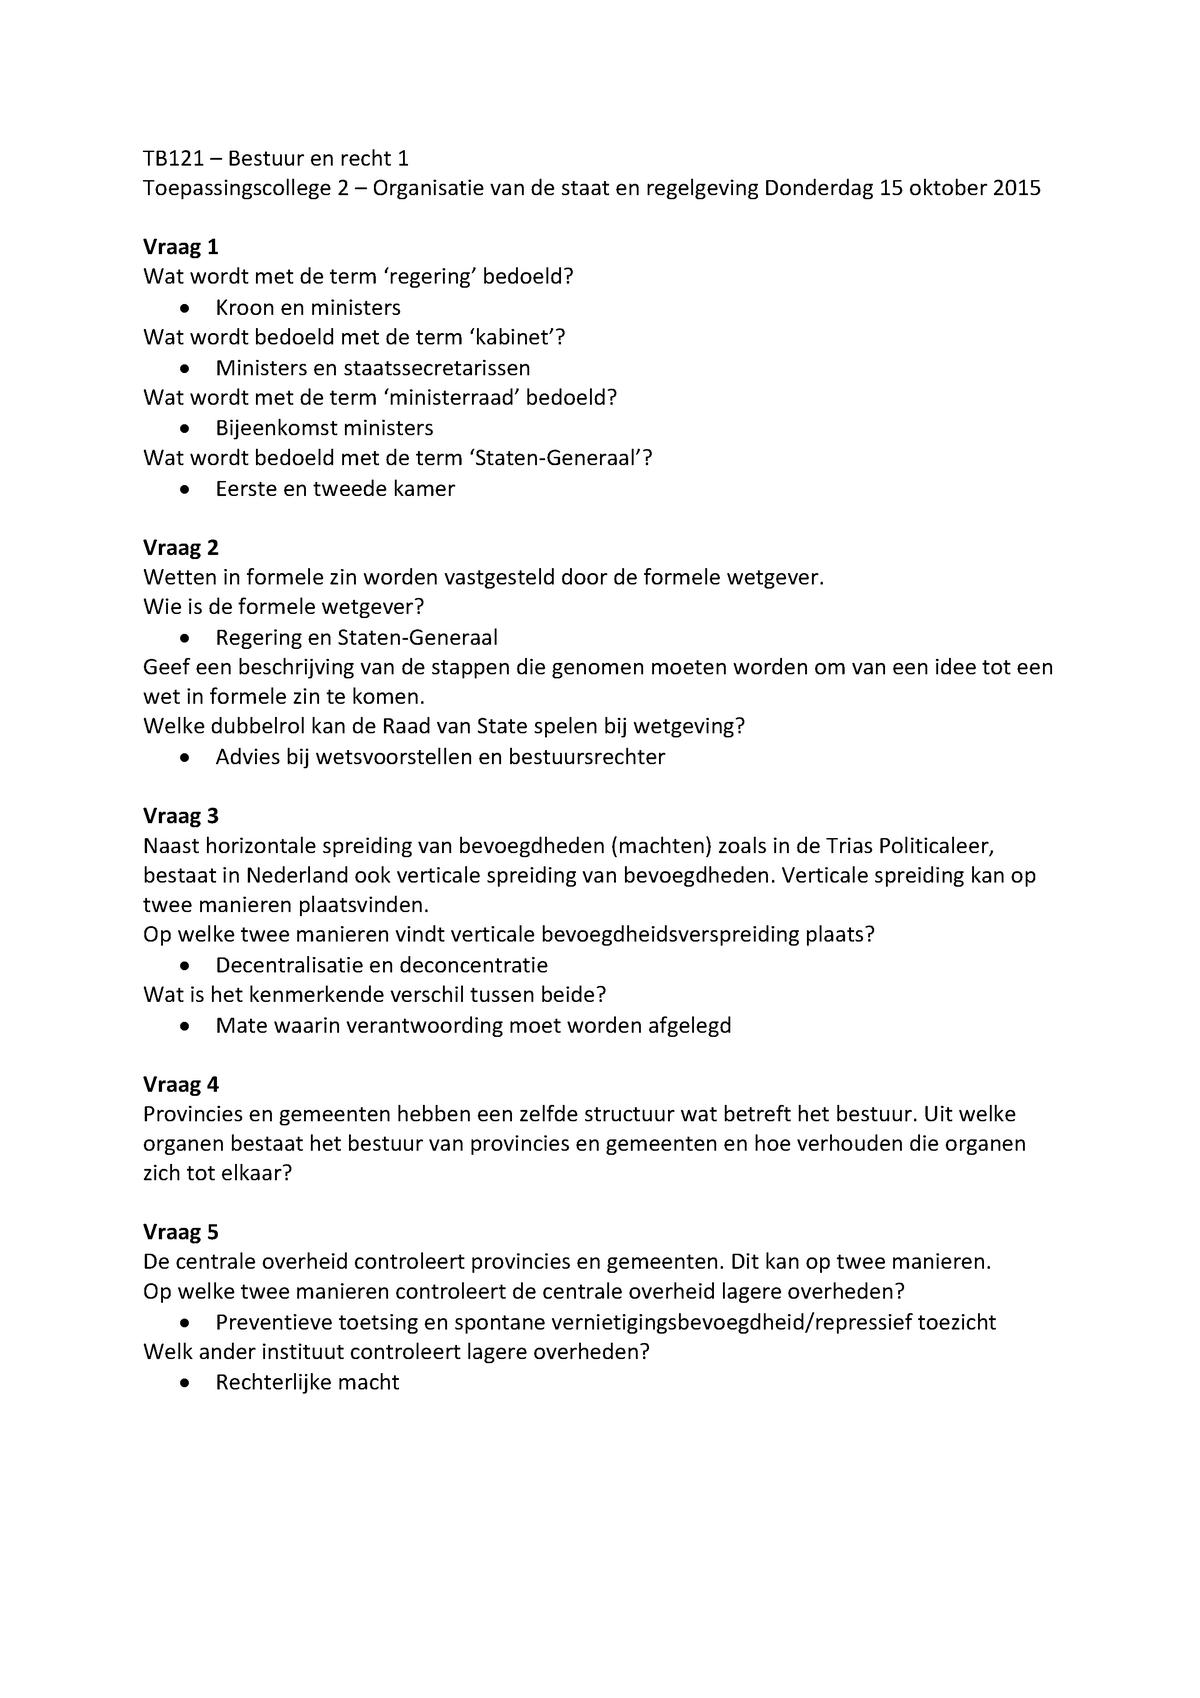 Toepassingscollege 1 Bestuur En Recht 1 Tb121a Tu Delft